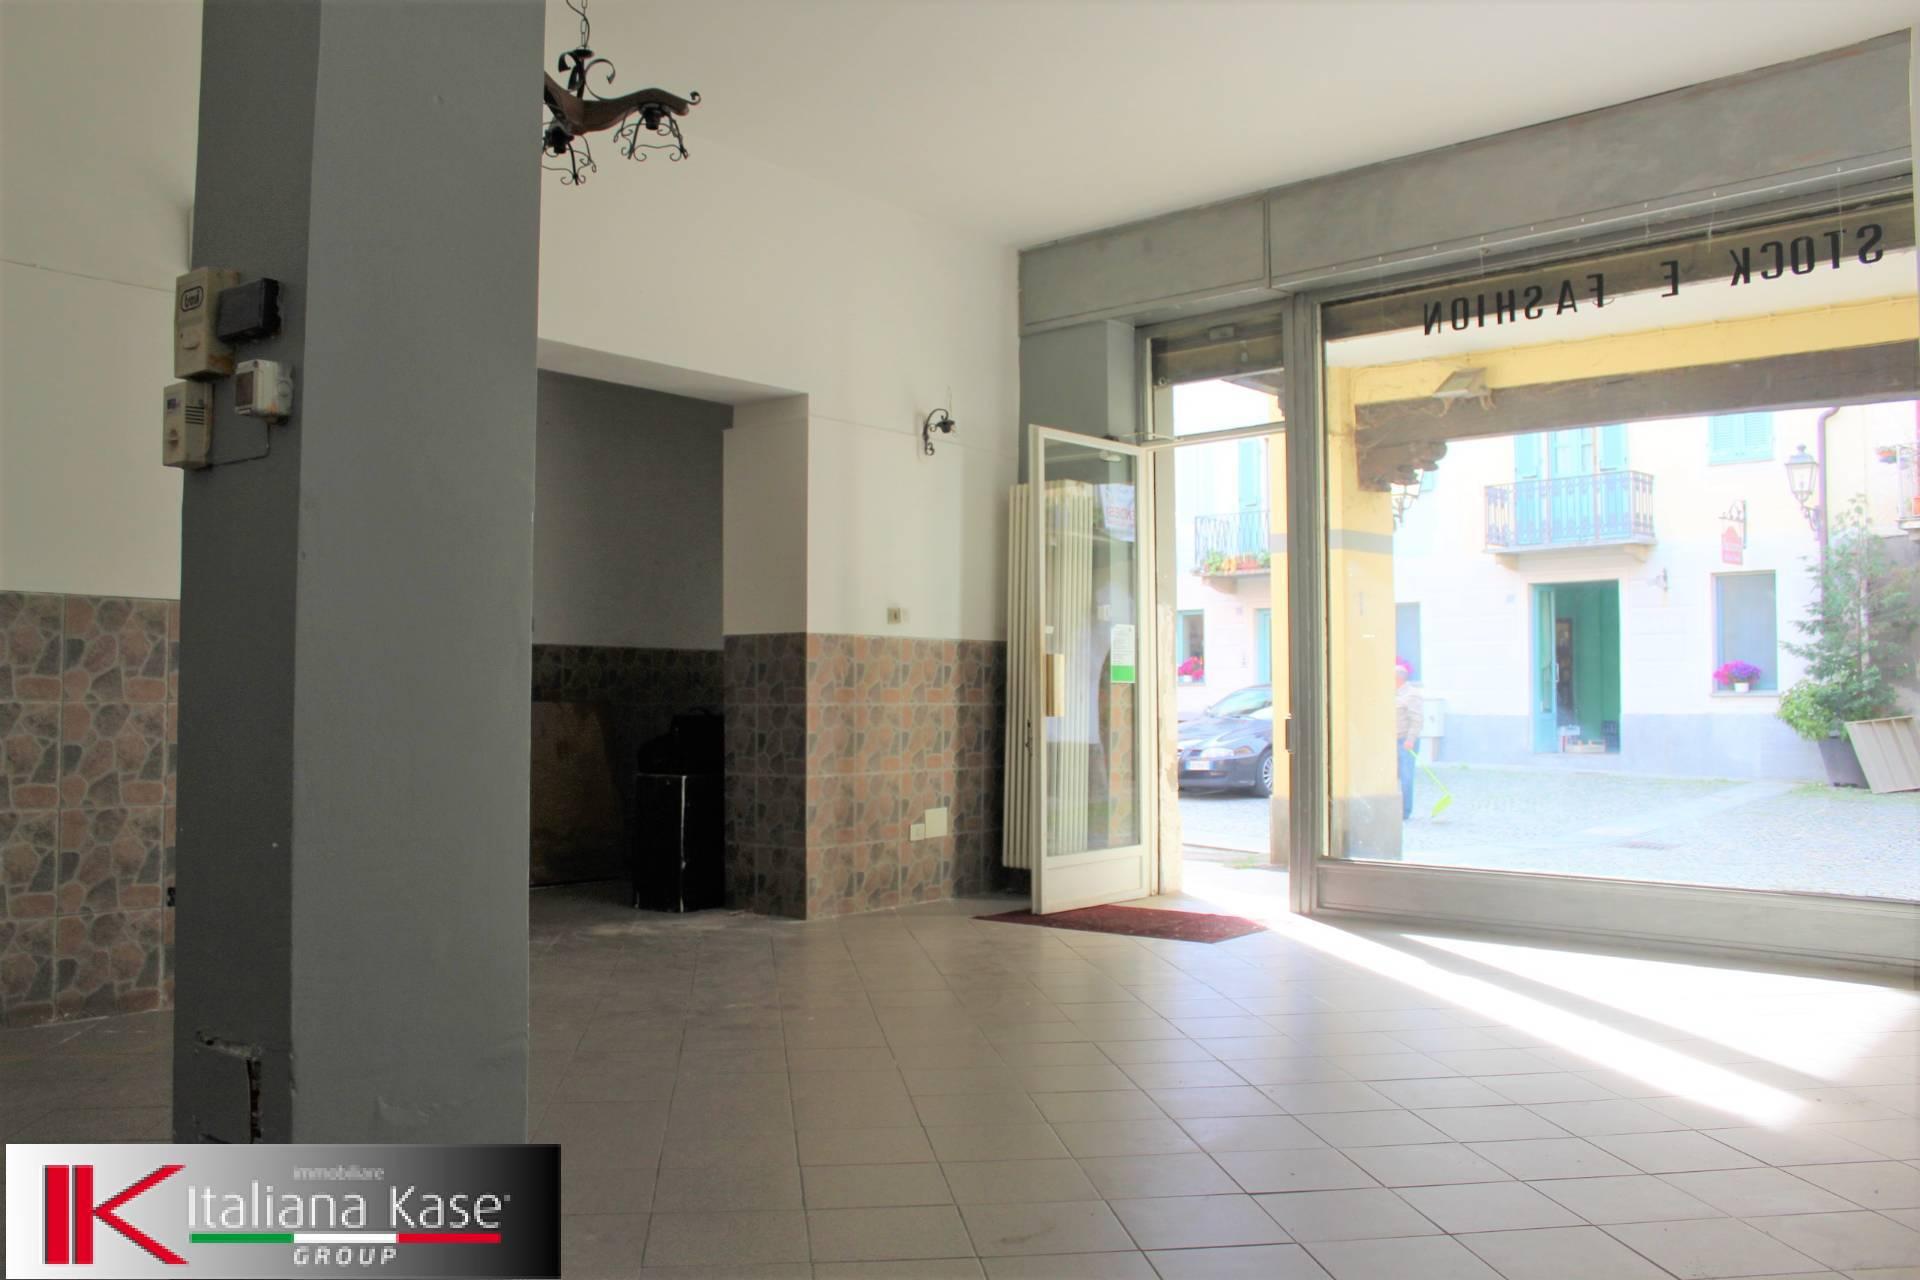 Negozio / Locale in affitto a Gassino Torinese, 9999 locali, zona Località: GassinoTorinese, prezzo € 89.000   PortaleAgenzieImmobiliari.it